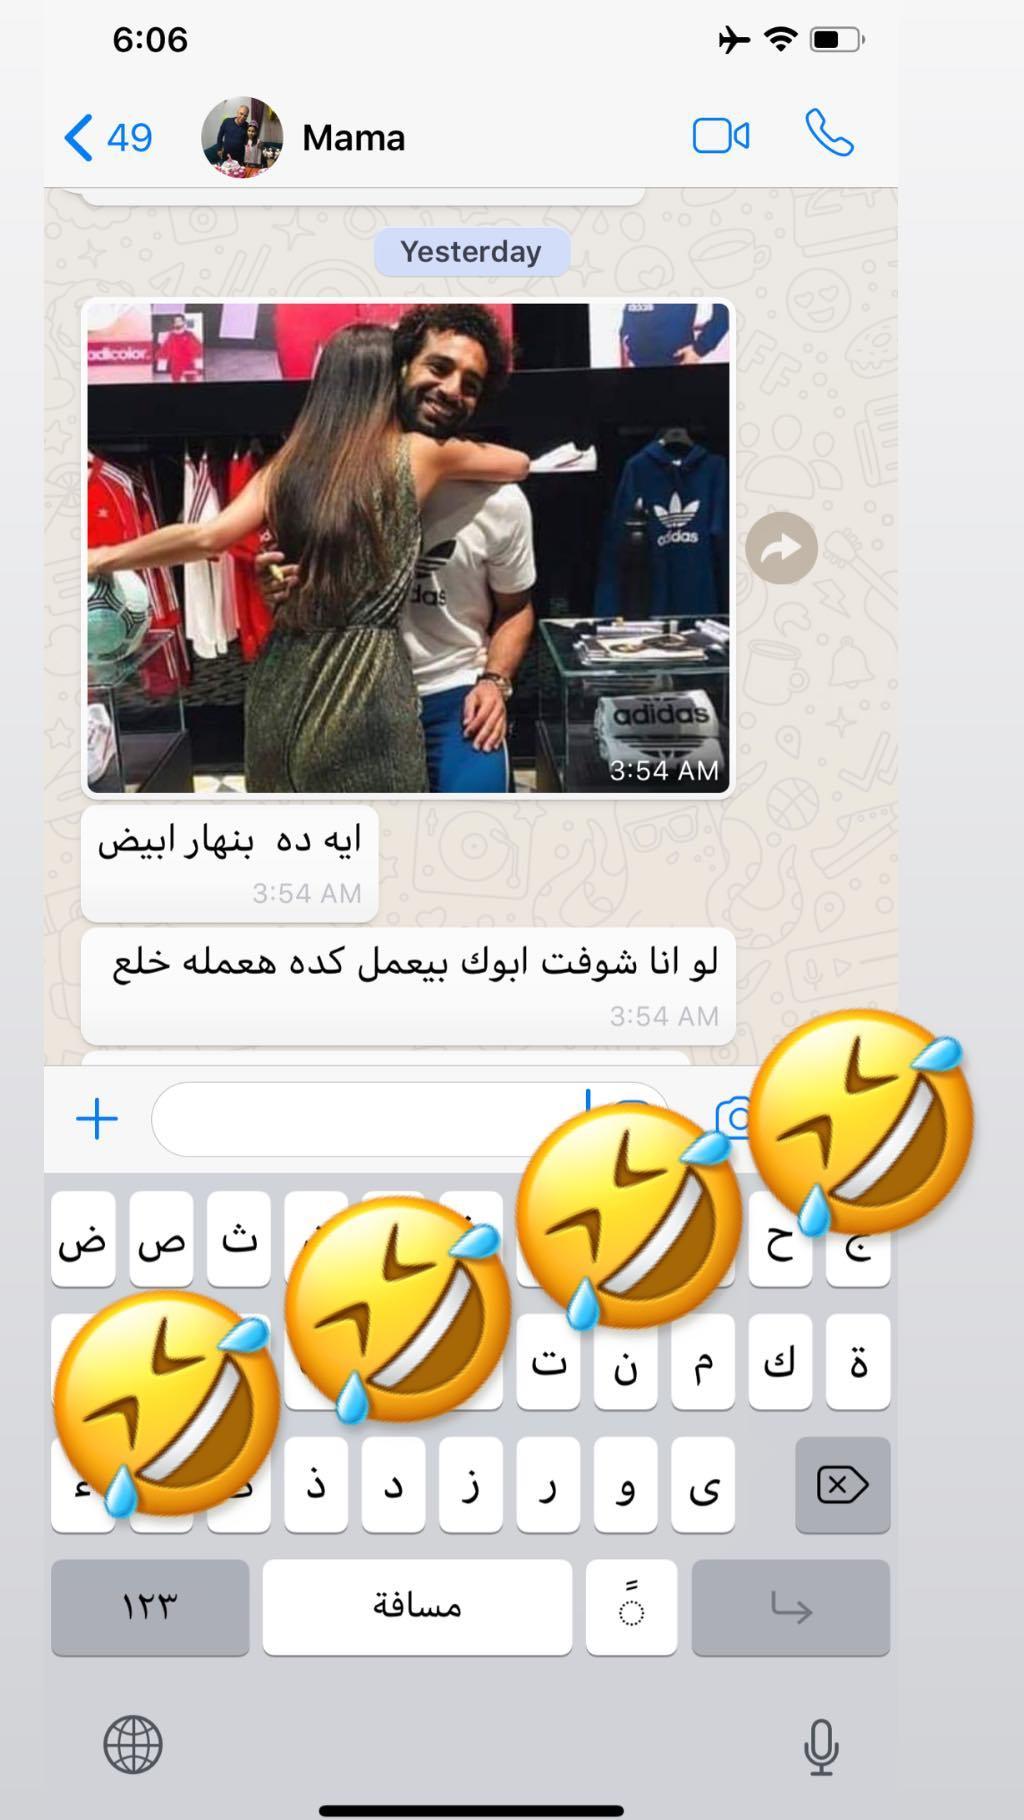 الحوار بين محمد صلاح ووالدته